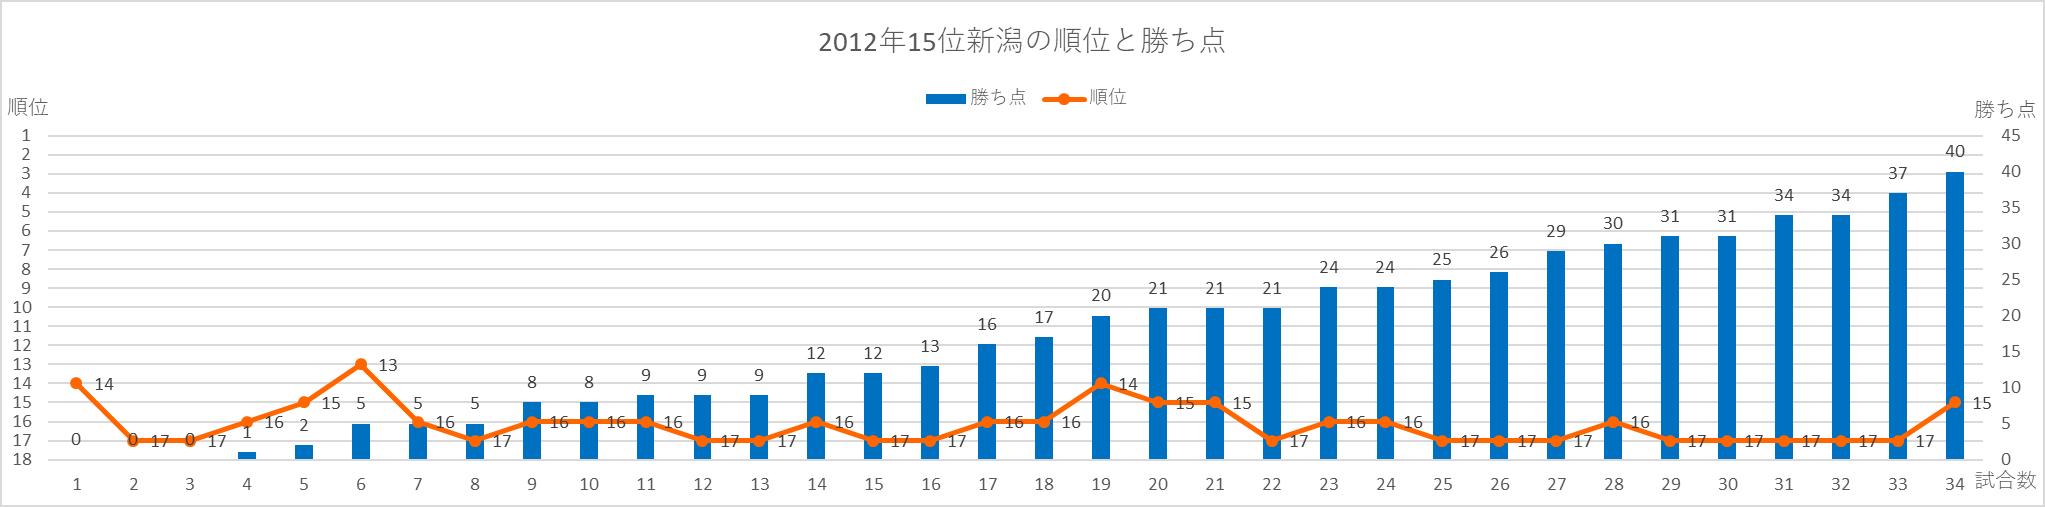 2012年新潟の順位と勝ち点の推移